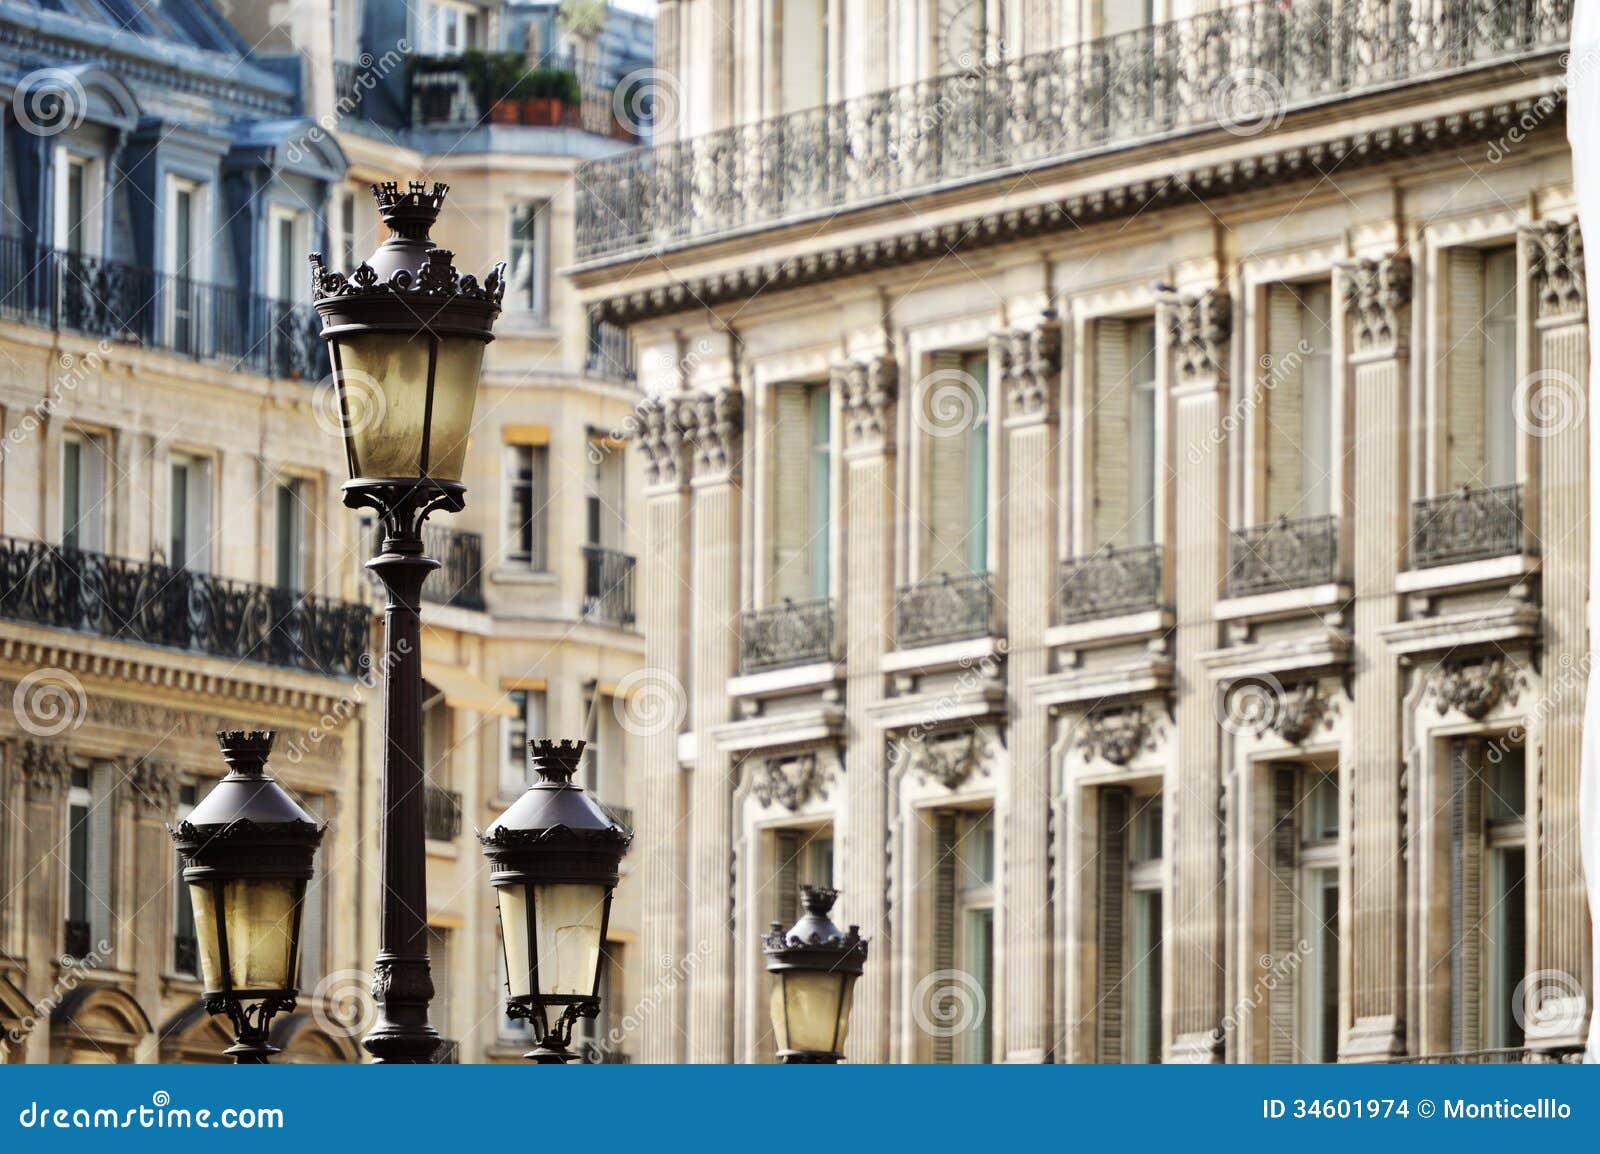 Original historic parisian architecture stock images for Origine architecture